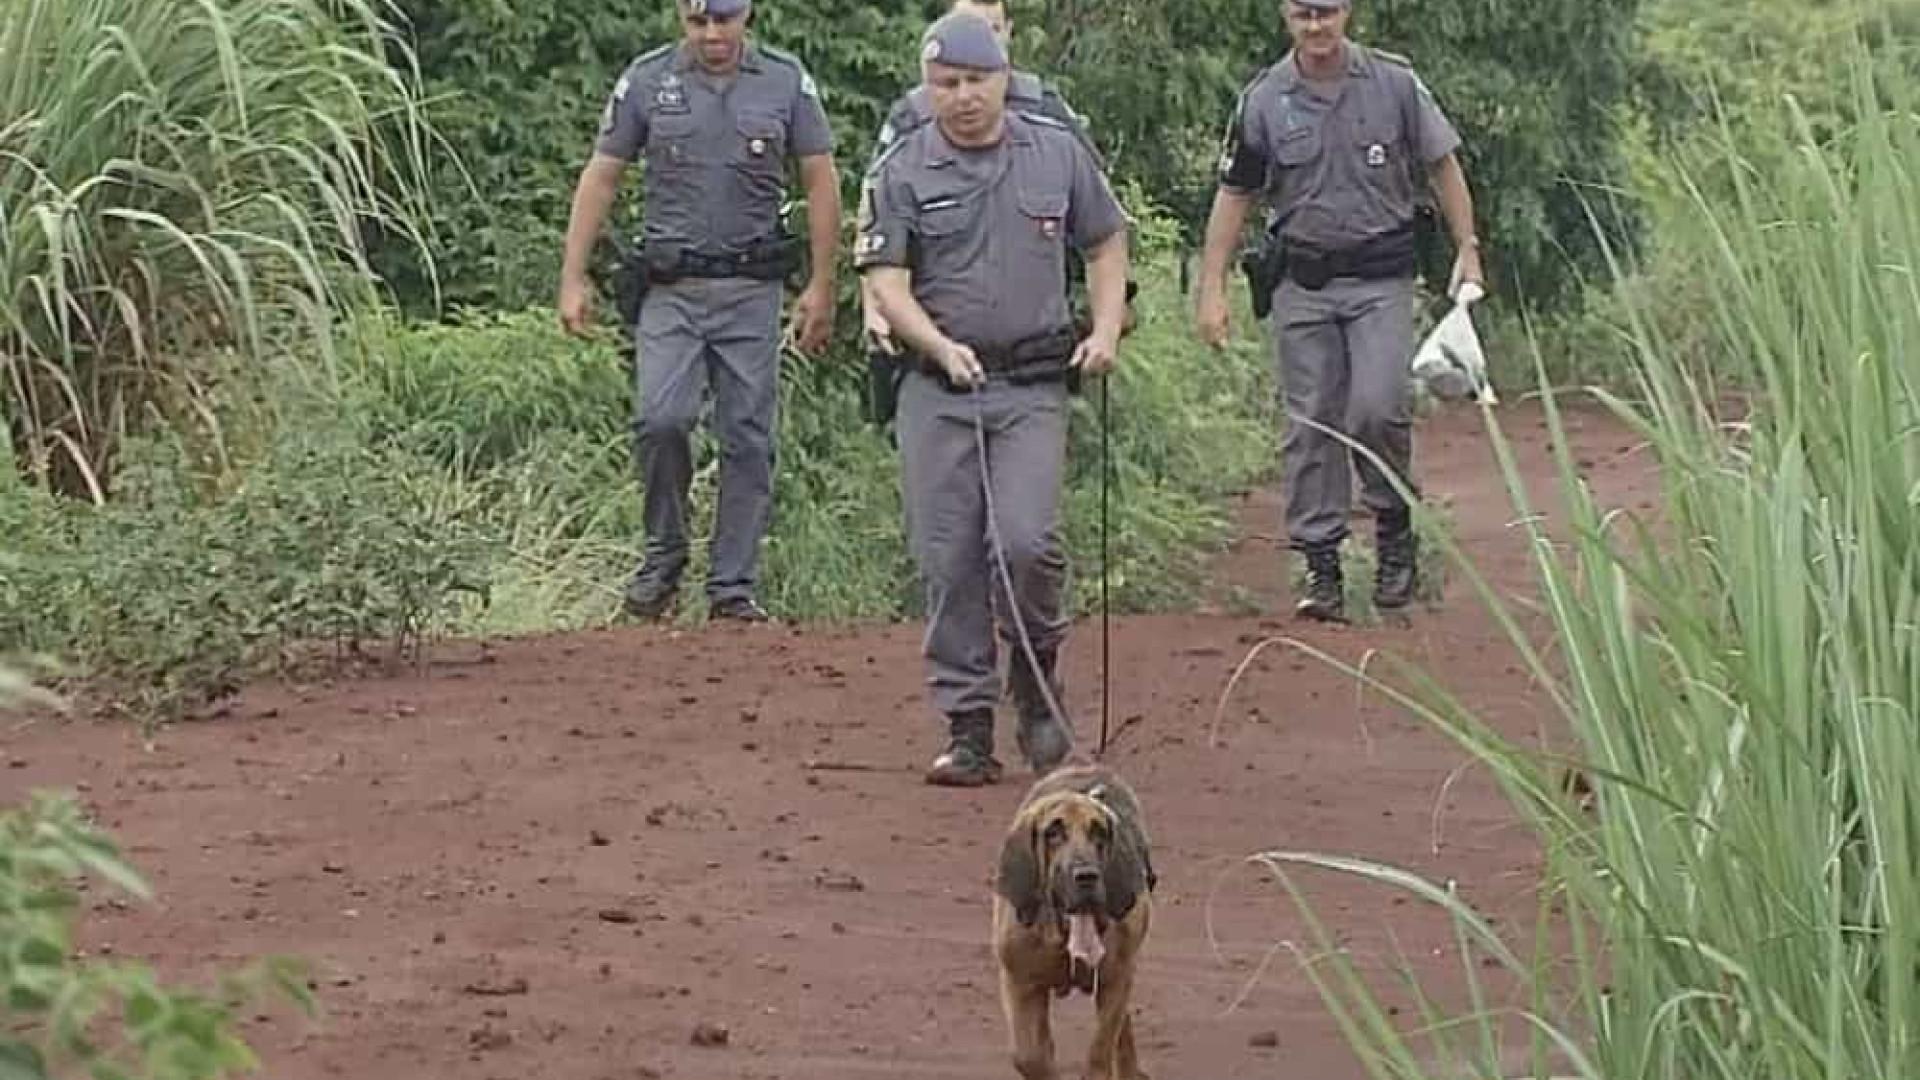 Menina de 8 anos que desapareceu de parquinho em SP é encontrada morta